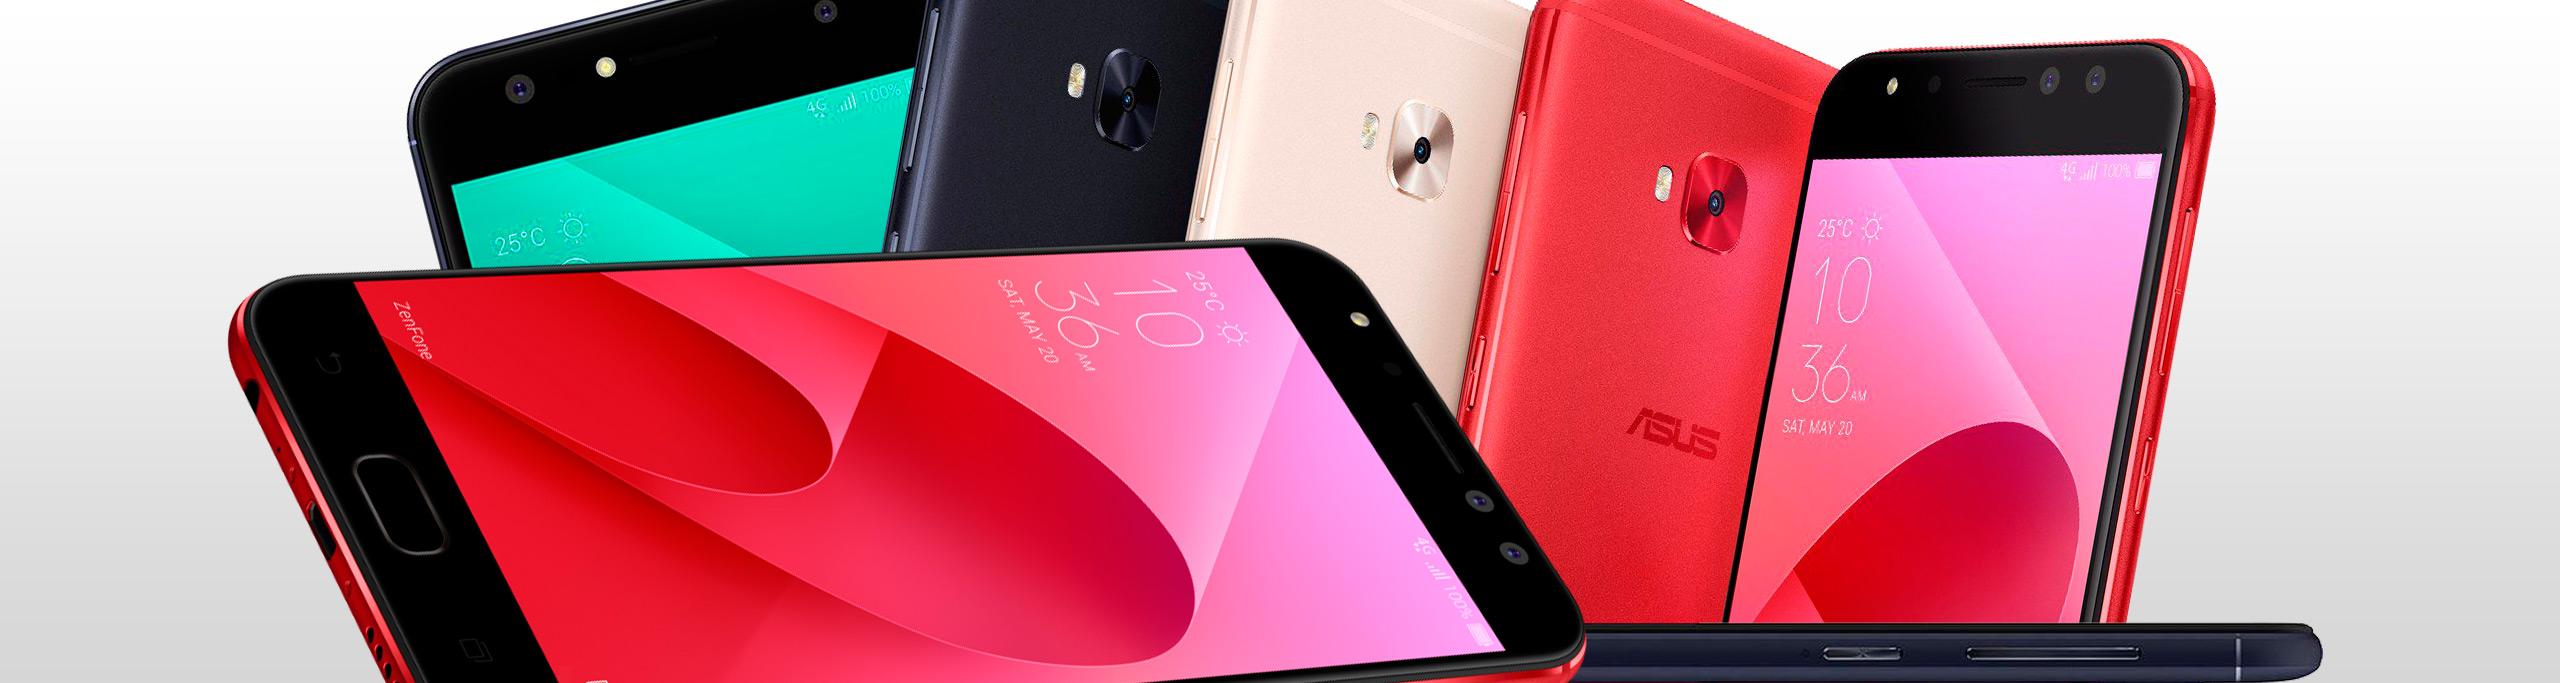 ZenFone 4 Selfie Pro (ZD552KL) (Z01MDA)